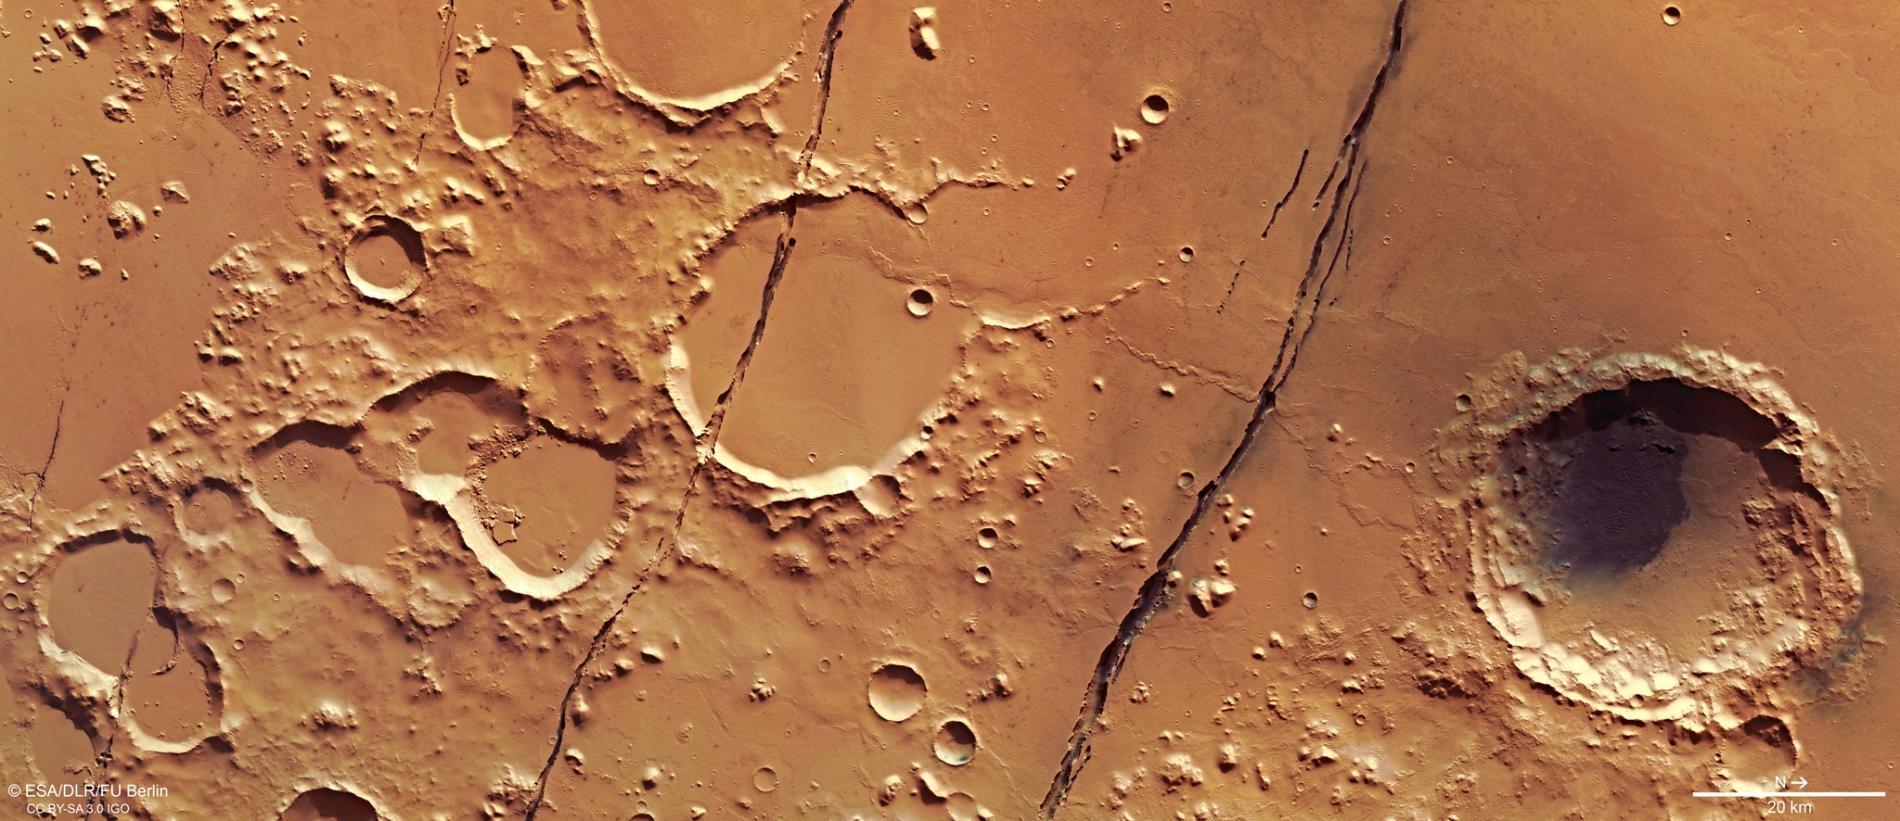 從歐洲太空總署(ESA)火星快車號(Mars Express)軌道衛星於2018年1月拍攝的這張影像中,可以看到布滿隕石坑的火星表面有好幾道深深的裂縫,這些裂縫是位於火星赤道附近科柏洛斯槽溝系統的一部分。IMAGE BY ESA